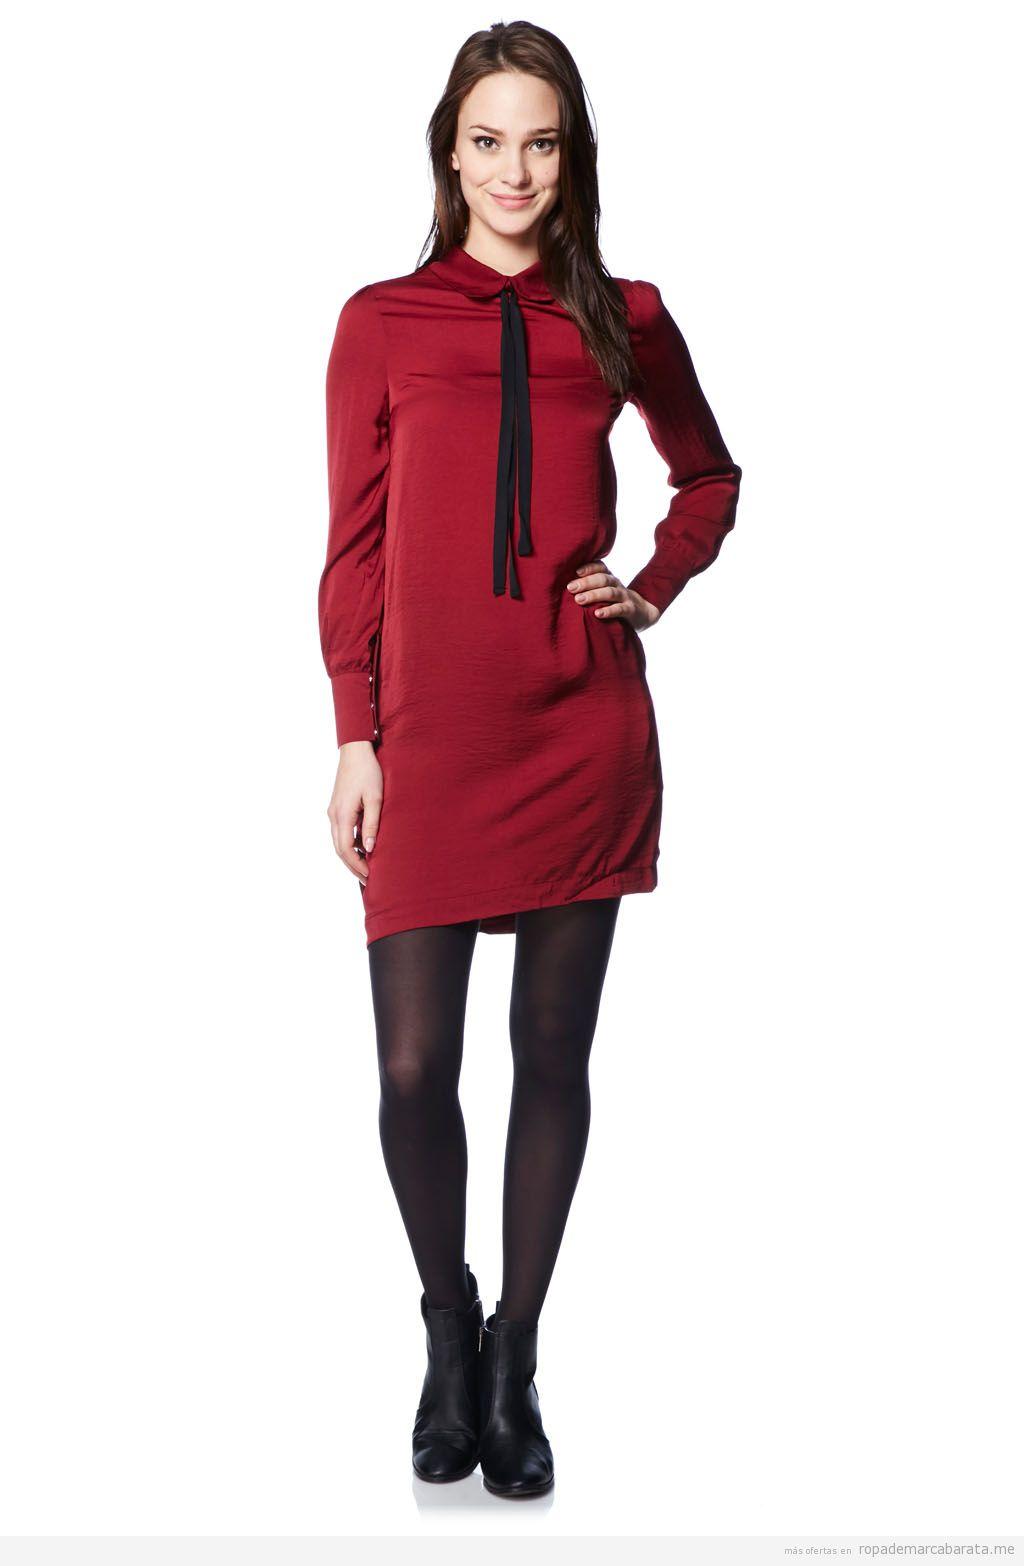 Vestido marca Version sud barato, comprar outlet online